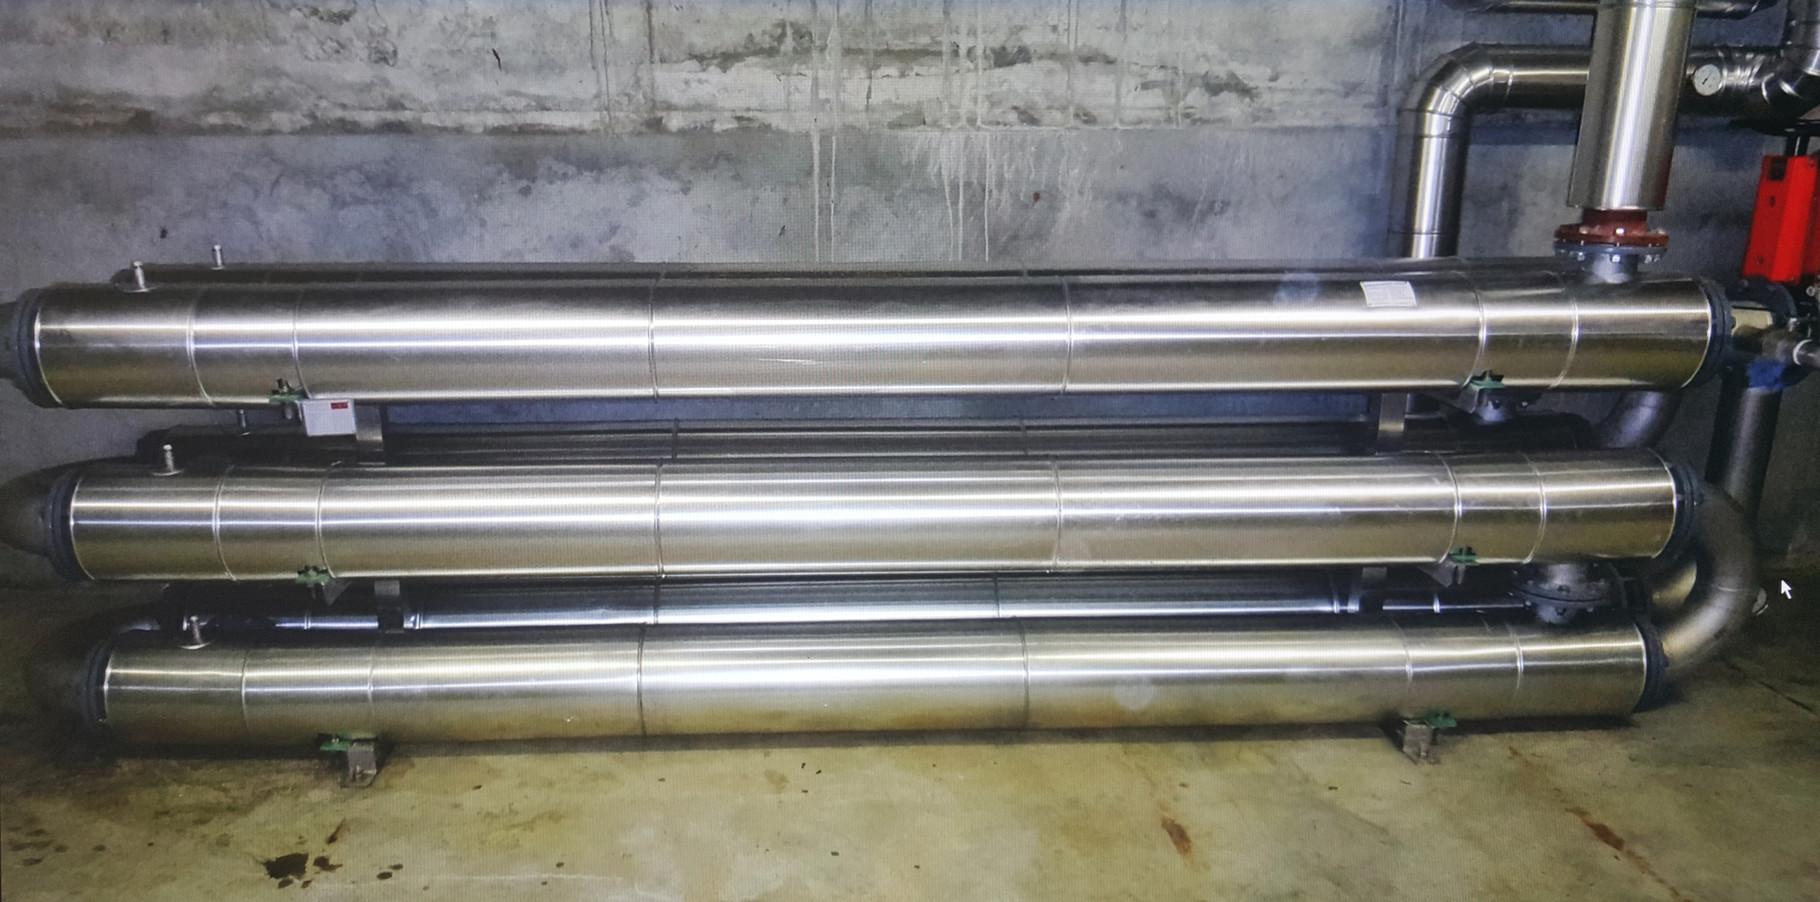 Kälteschutzdämmung an einem Plattentauscher der Wasseraufbereitungsanlage, ARA Lyss